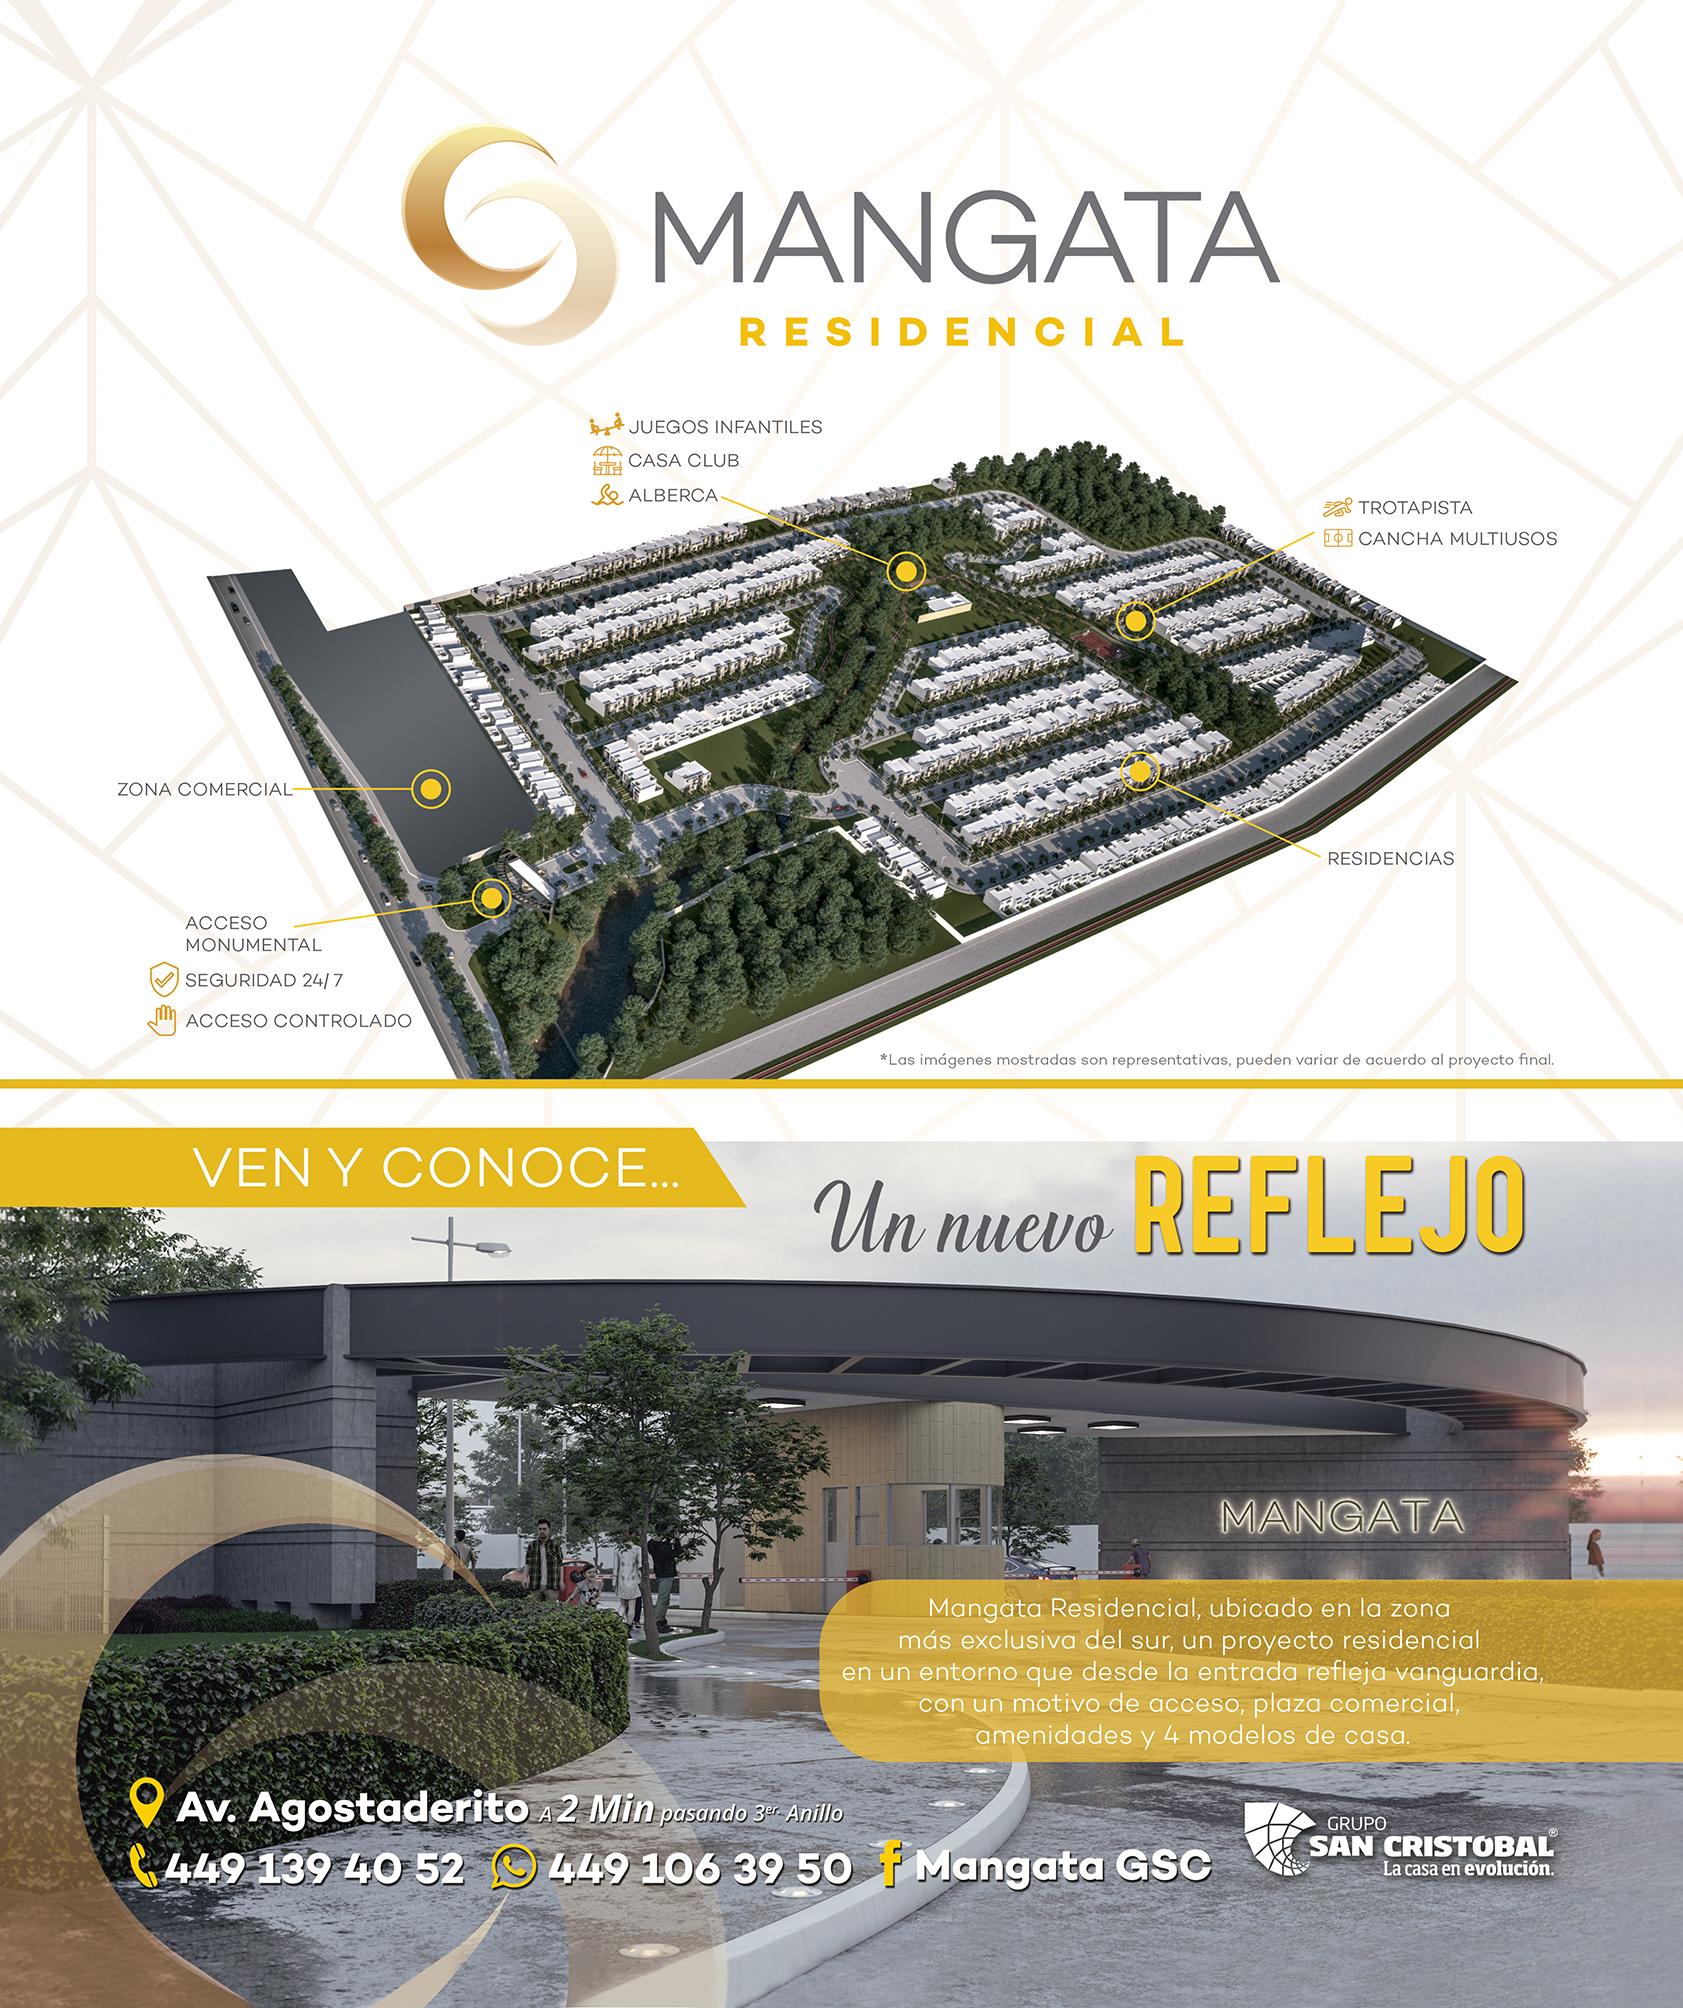 SAN CRISTOBAL_Mangata